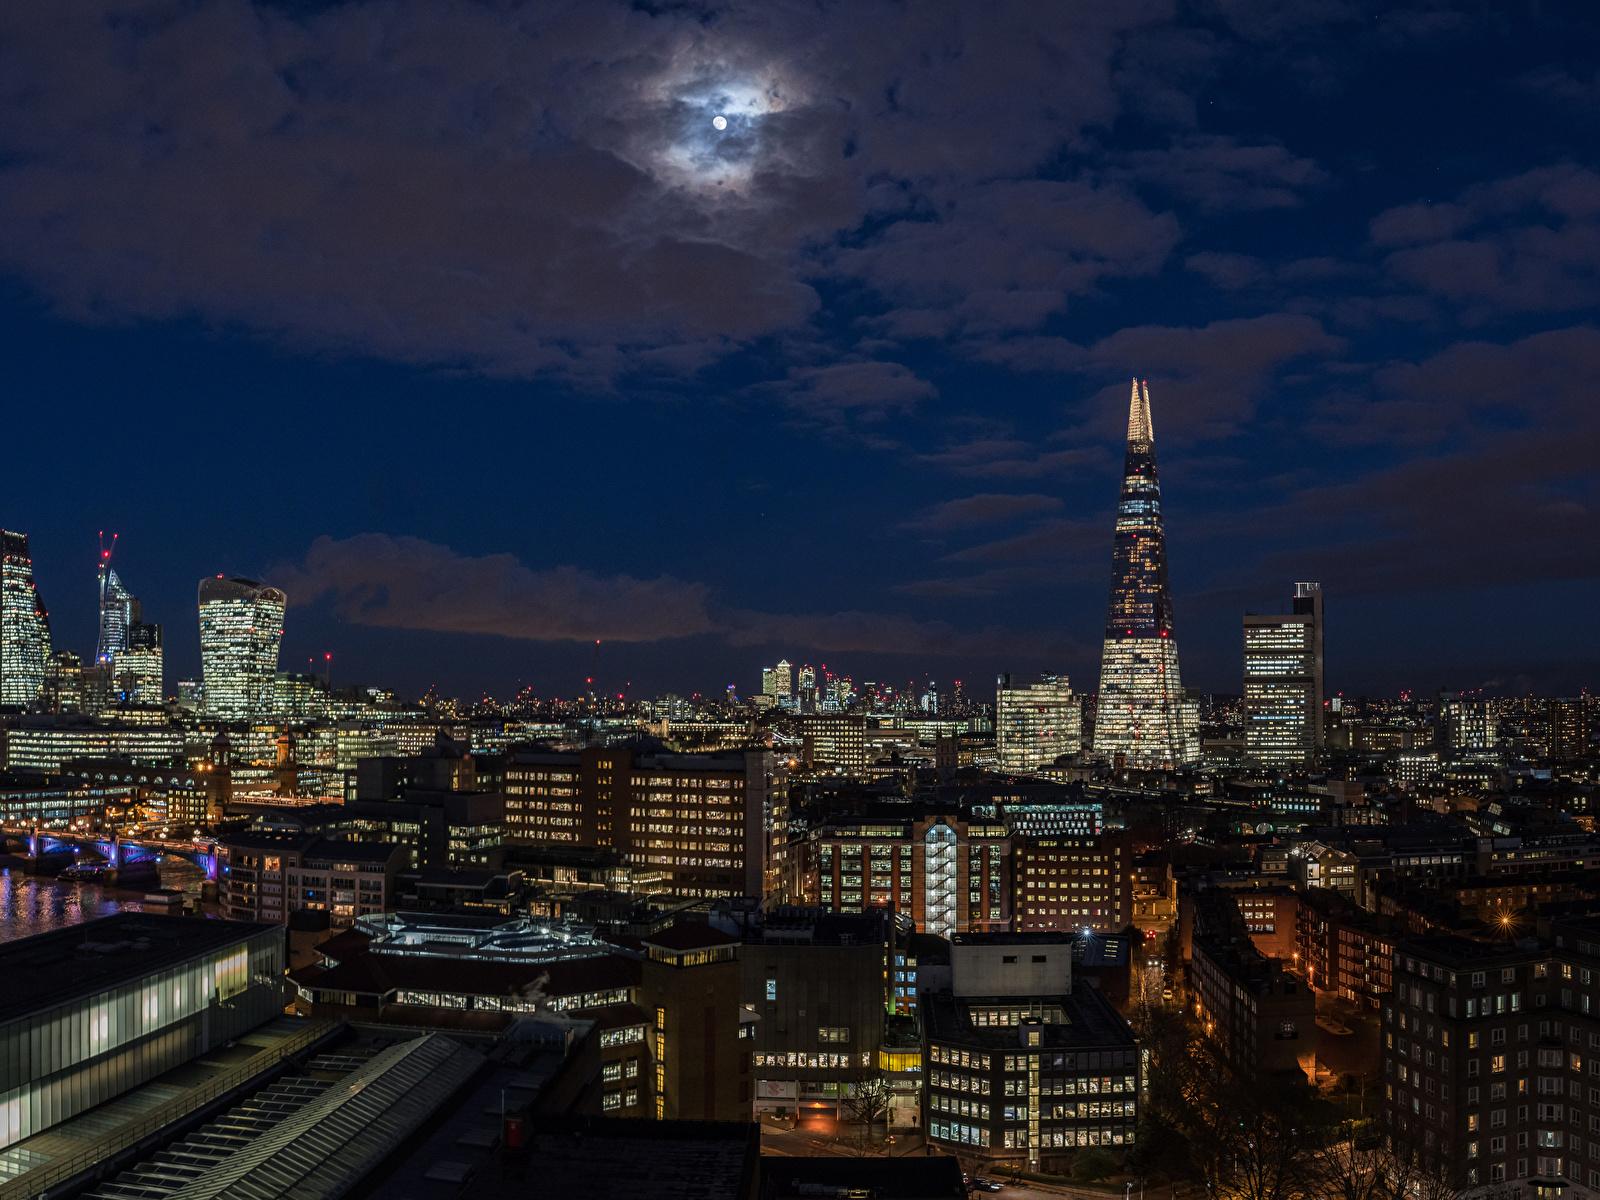 Обои для рабочего стола Лондон Англия луны Небо Ночь Дома город 1600x1200 лондоне Луна луной ночью в ночи Ночные Города Здания